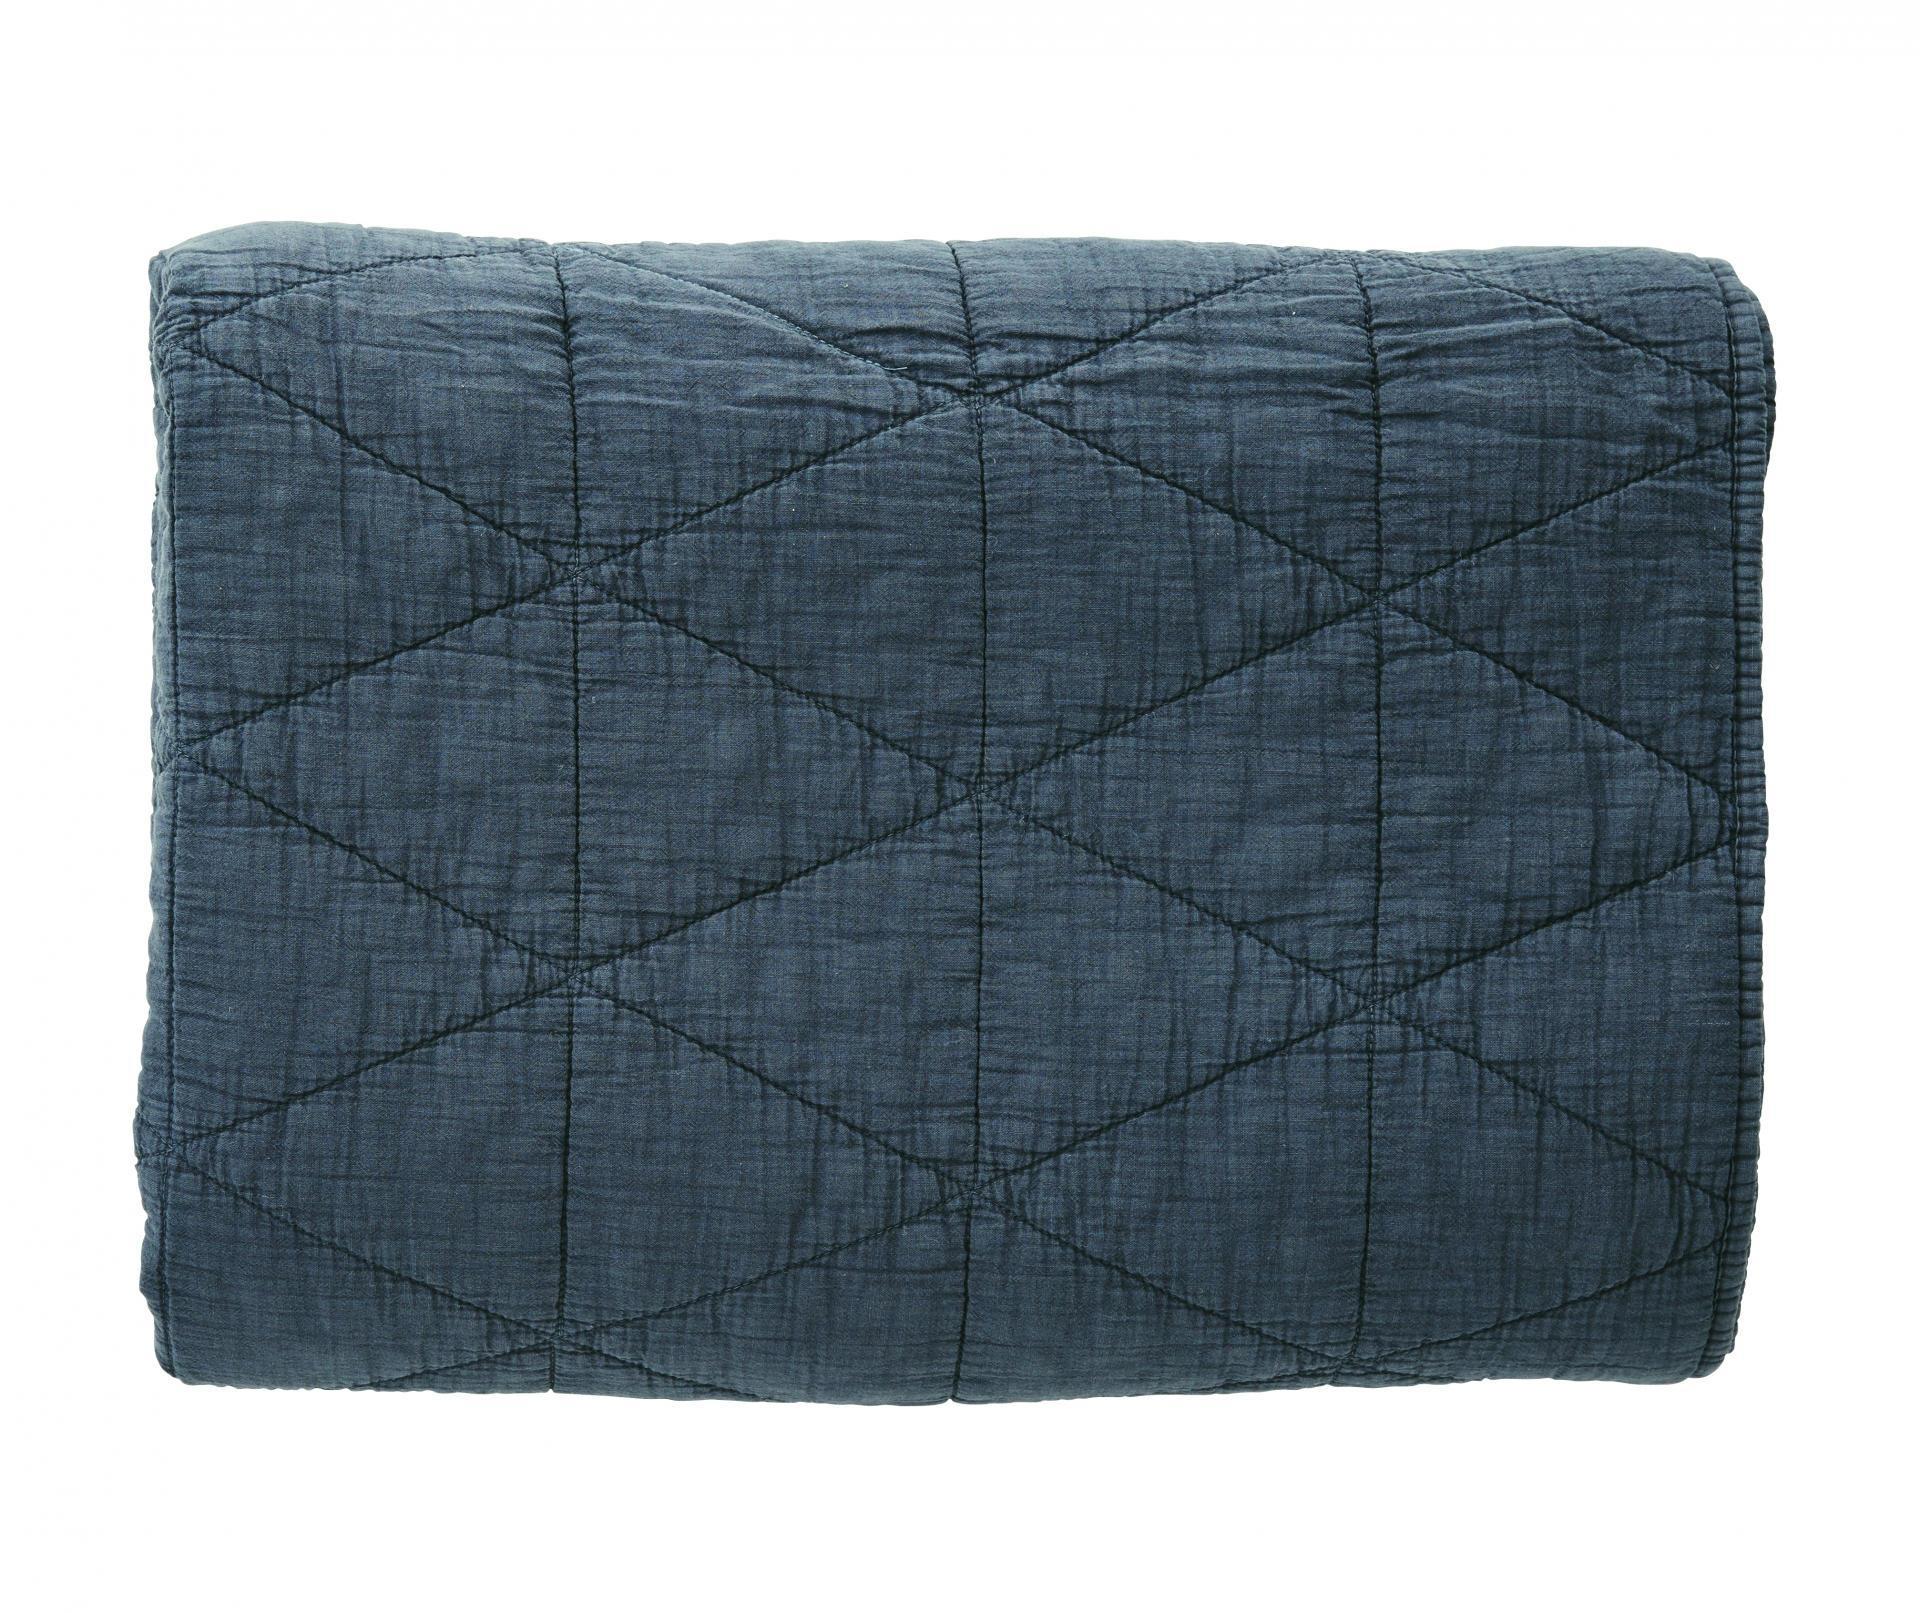 MADAM STOLTZ Prošívaná deka Navy 140x200 cm, modrá barva, textil